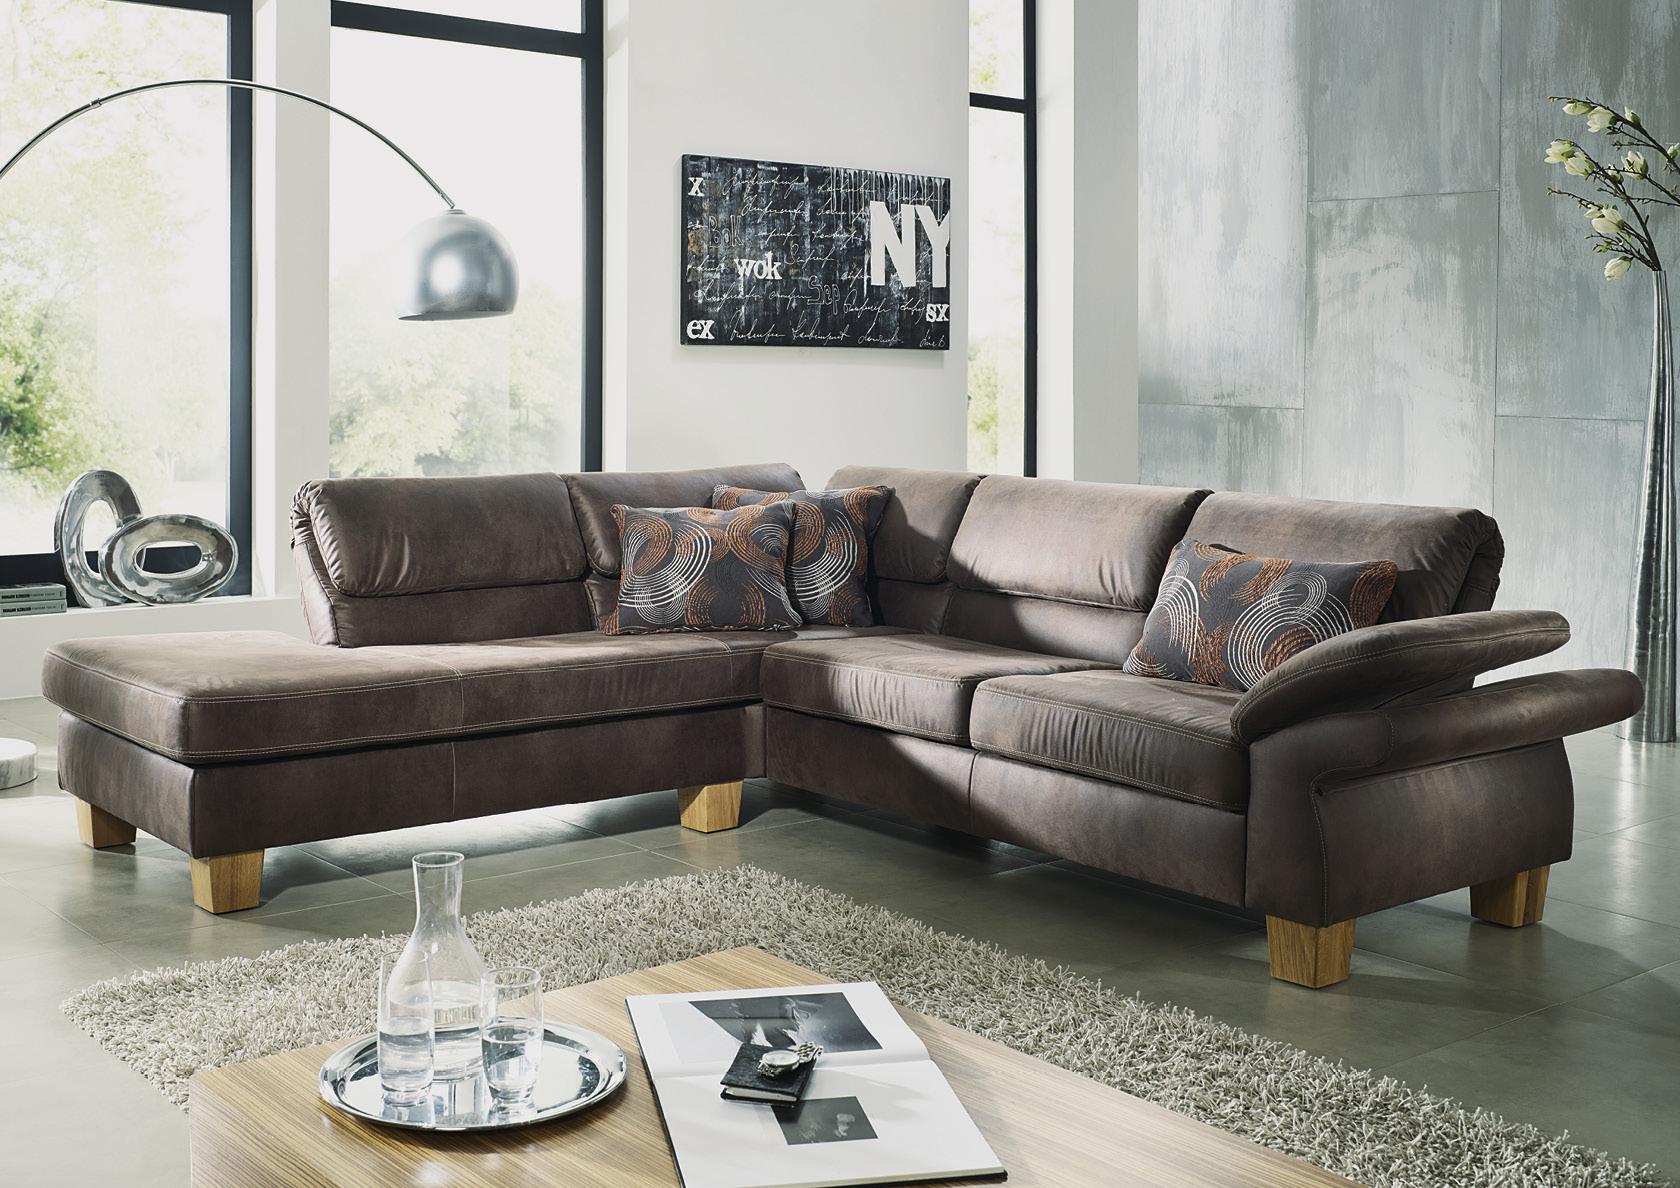 sofas garnituren m bel fottner e k inh ulrich fottner in bad t lz. Black Bedroom Furniture Sets. Home Design Ideas